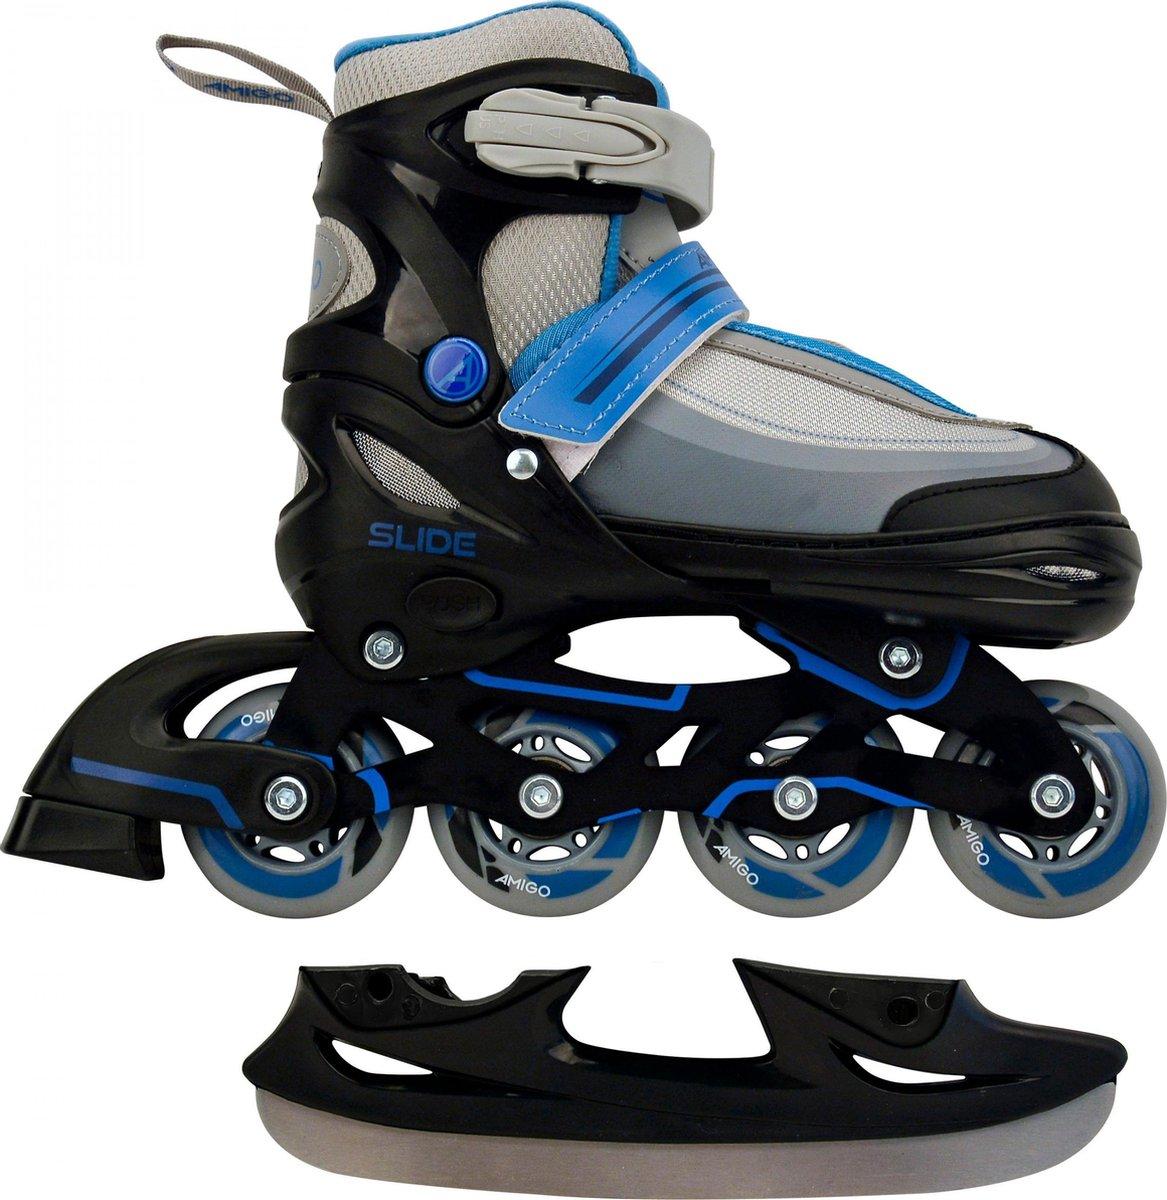 AMIGO Slide 2-in-1 skates - Voor jongens en meisjes - Zwart/Blauw- Maat 30-33